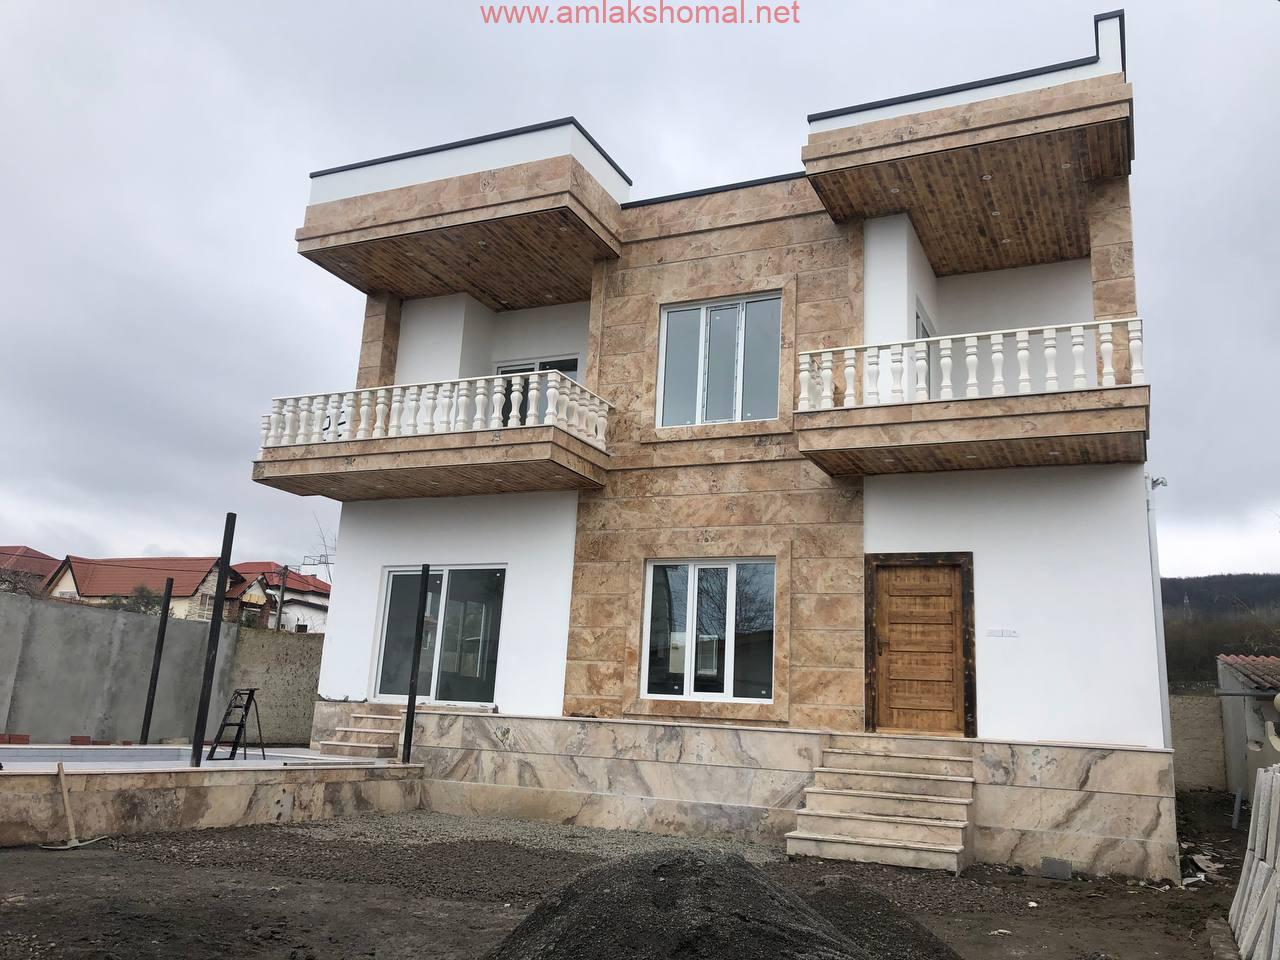 خرید ویلا استخر دار لاکچری مازندران